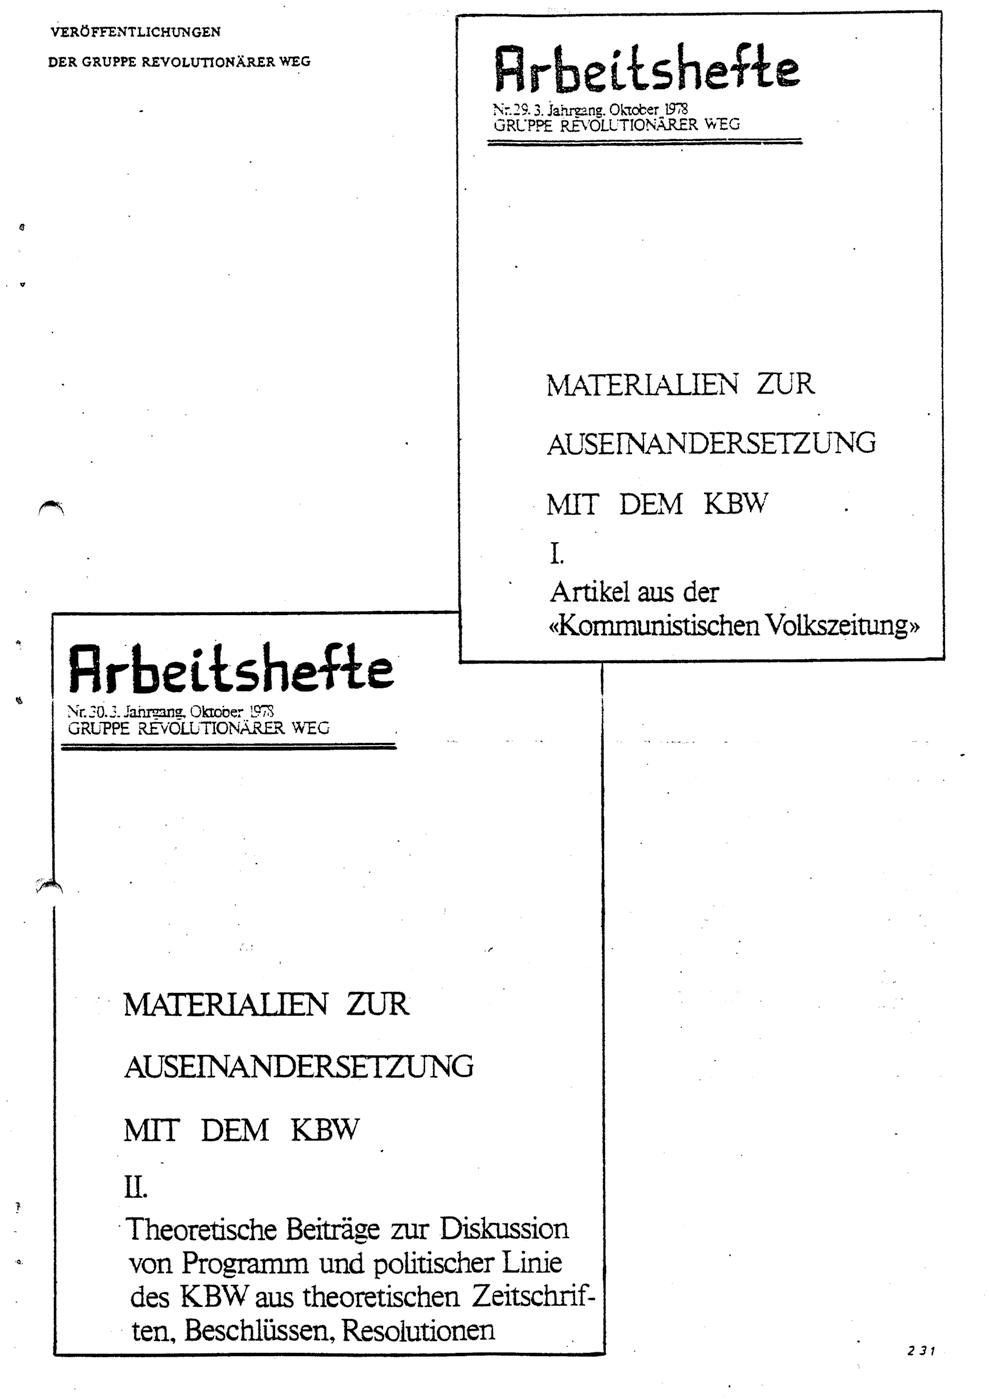 KABRW_Arbeitshefte_1978_31_111